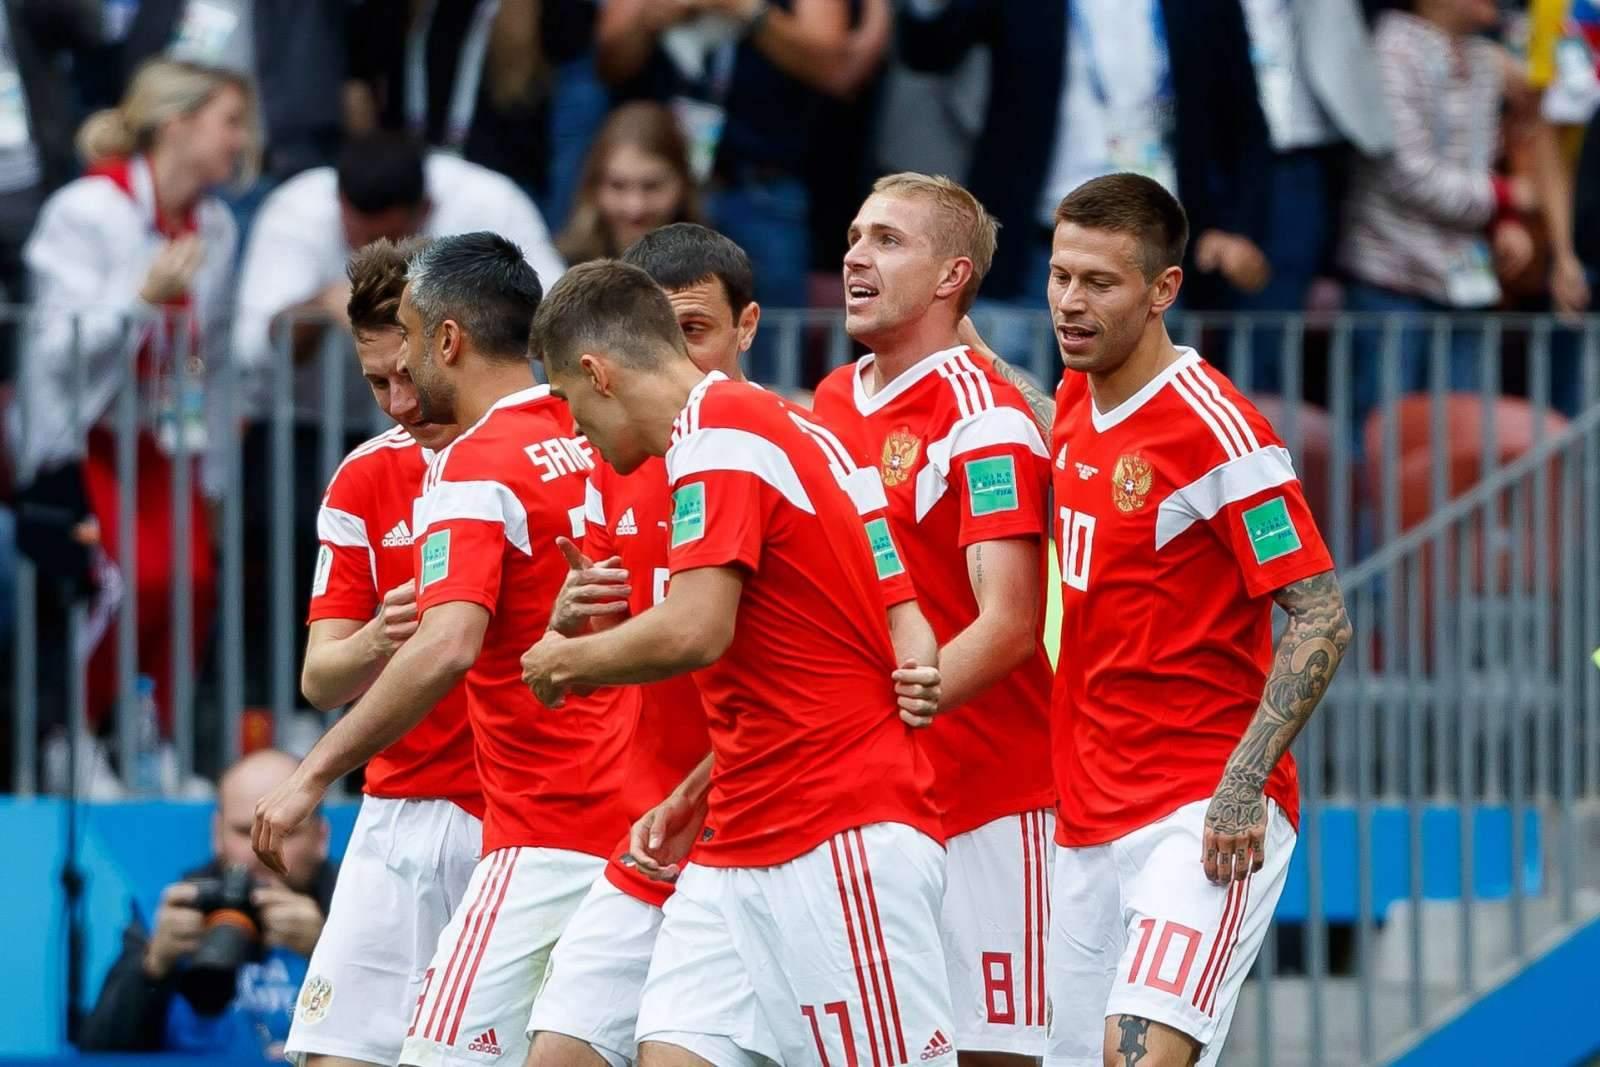 Экс-футболист Демир: «Сборная России была лучше Турции»